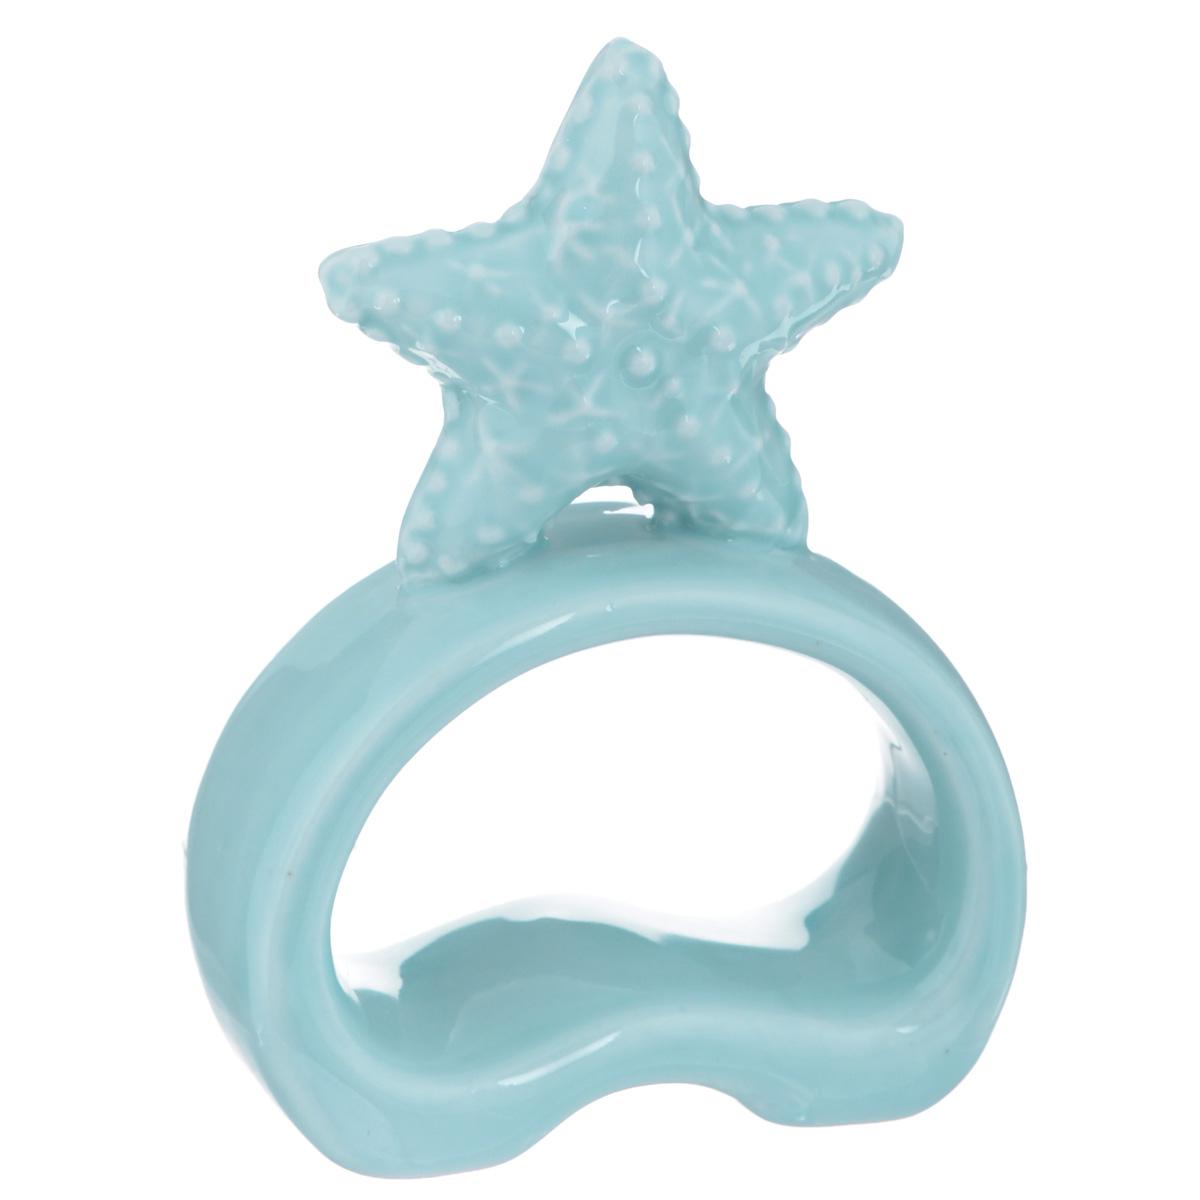 Фигурка декоративная Морская звезда, цвет: голубой, высота 10 см. 36768